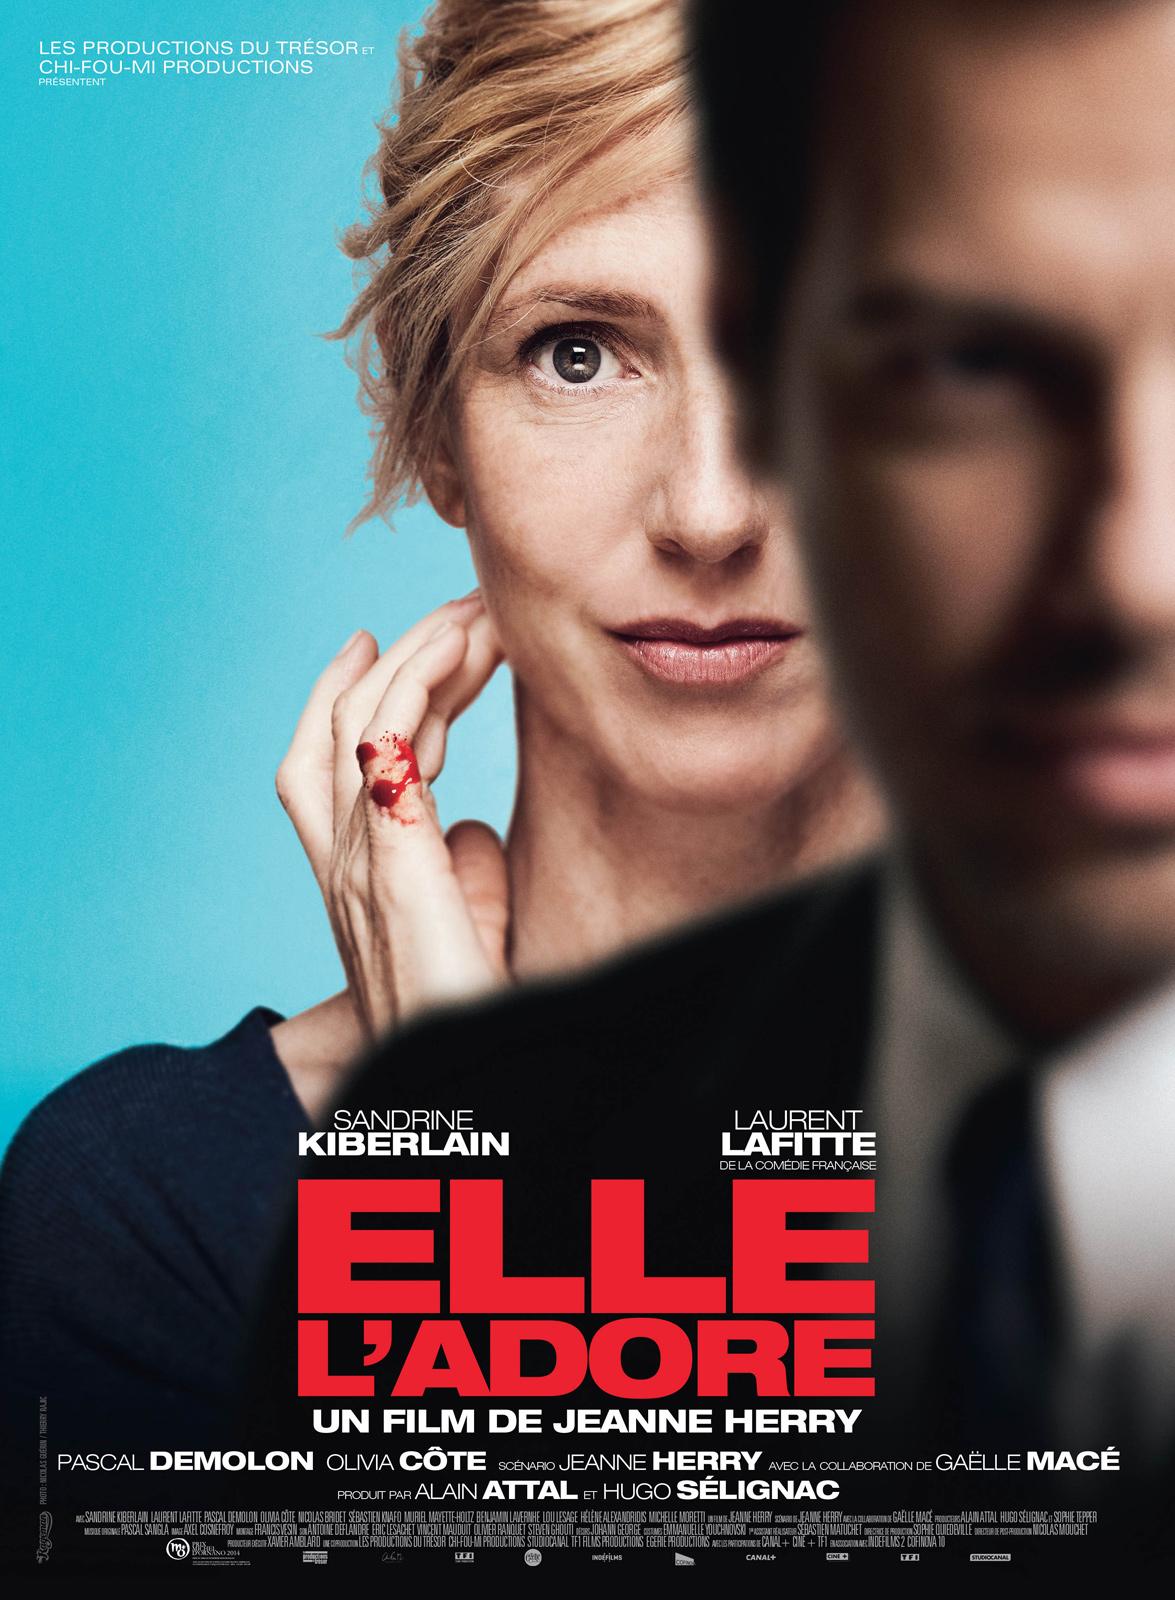 Elle l'adore (2014), de Jeanne Herry. Avec Sandrine Kiberlain, Lauren Lafitte, Pascal Demolon, Olivia Côte